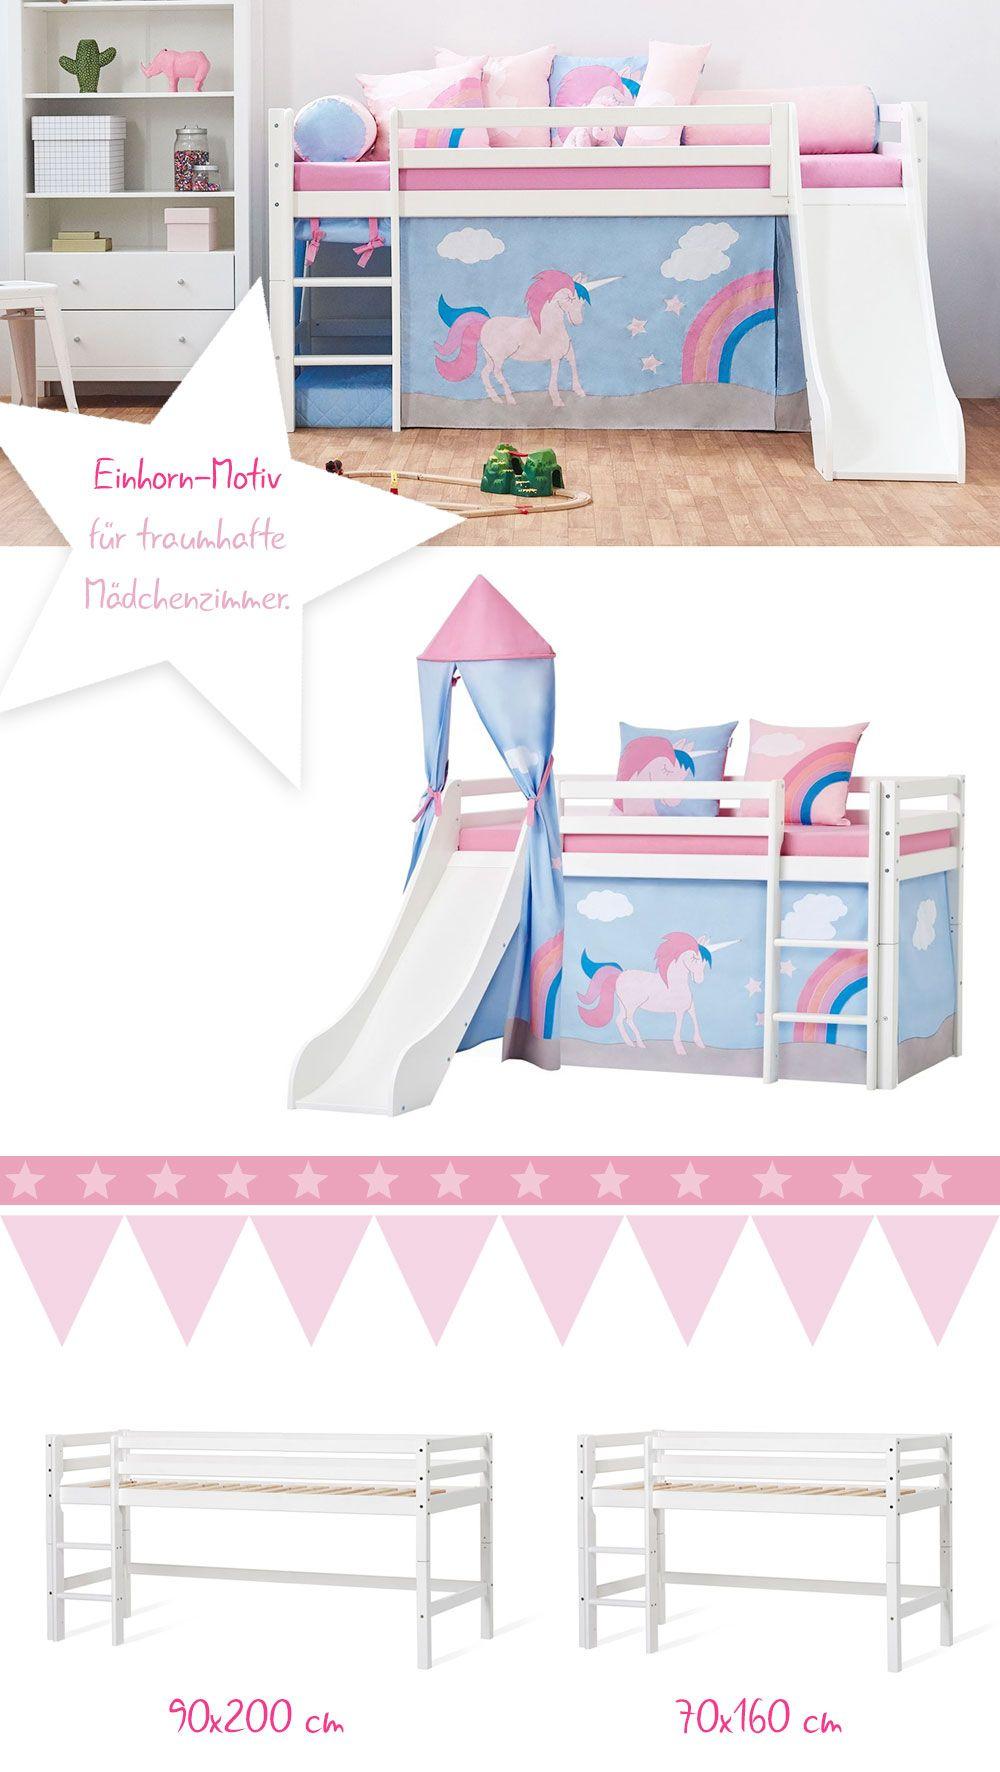 Full Size of Halbhohes Hochbett Bett Einhorn Mit Bildern Kinderzimmer Wohnzimmer Halbhohes Hochbett